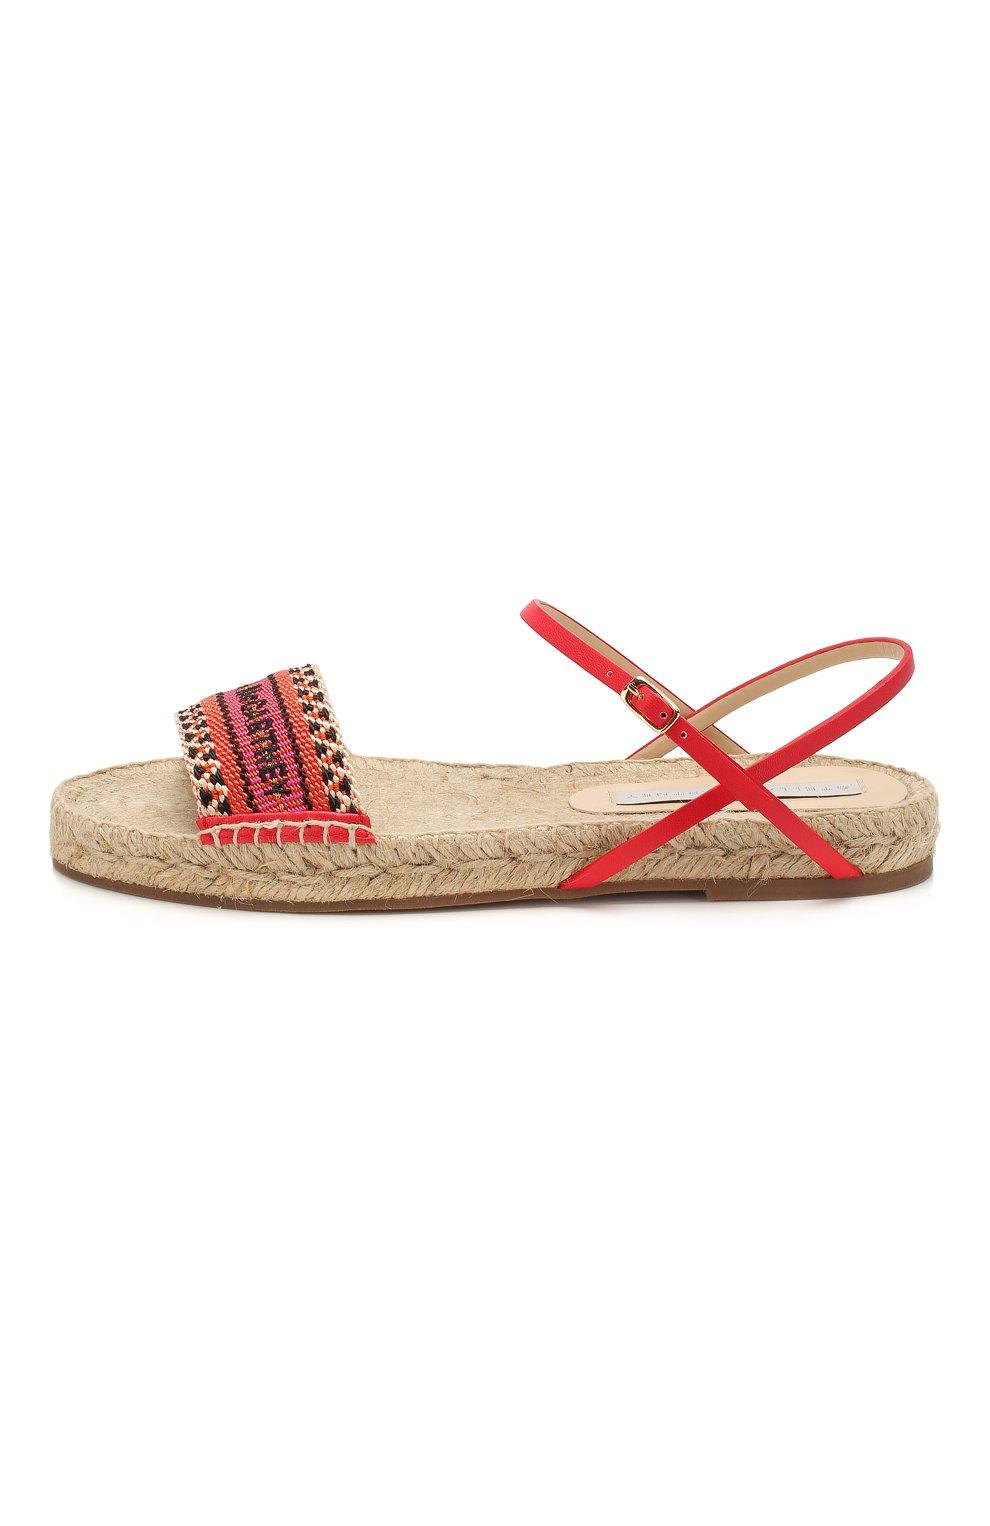 Женские текстильные сандалии STELLA MCCARTNEY оранжевого цвета, арт. 800155/N0083 | Фото 3